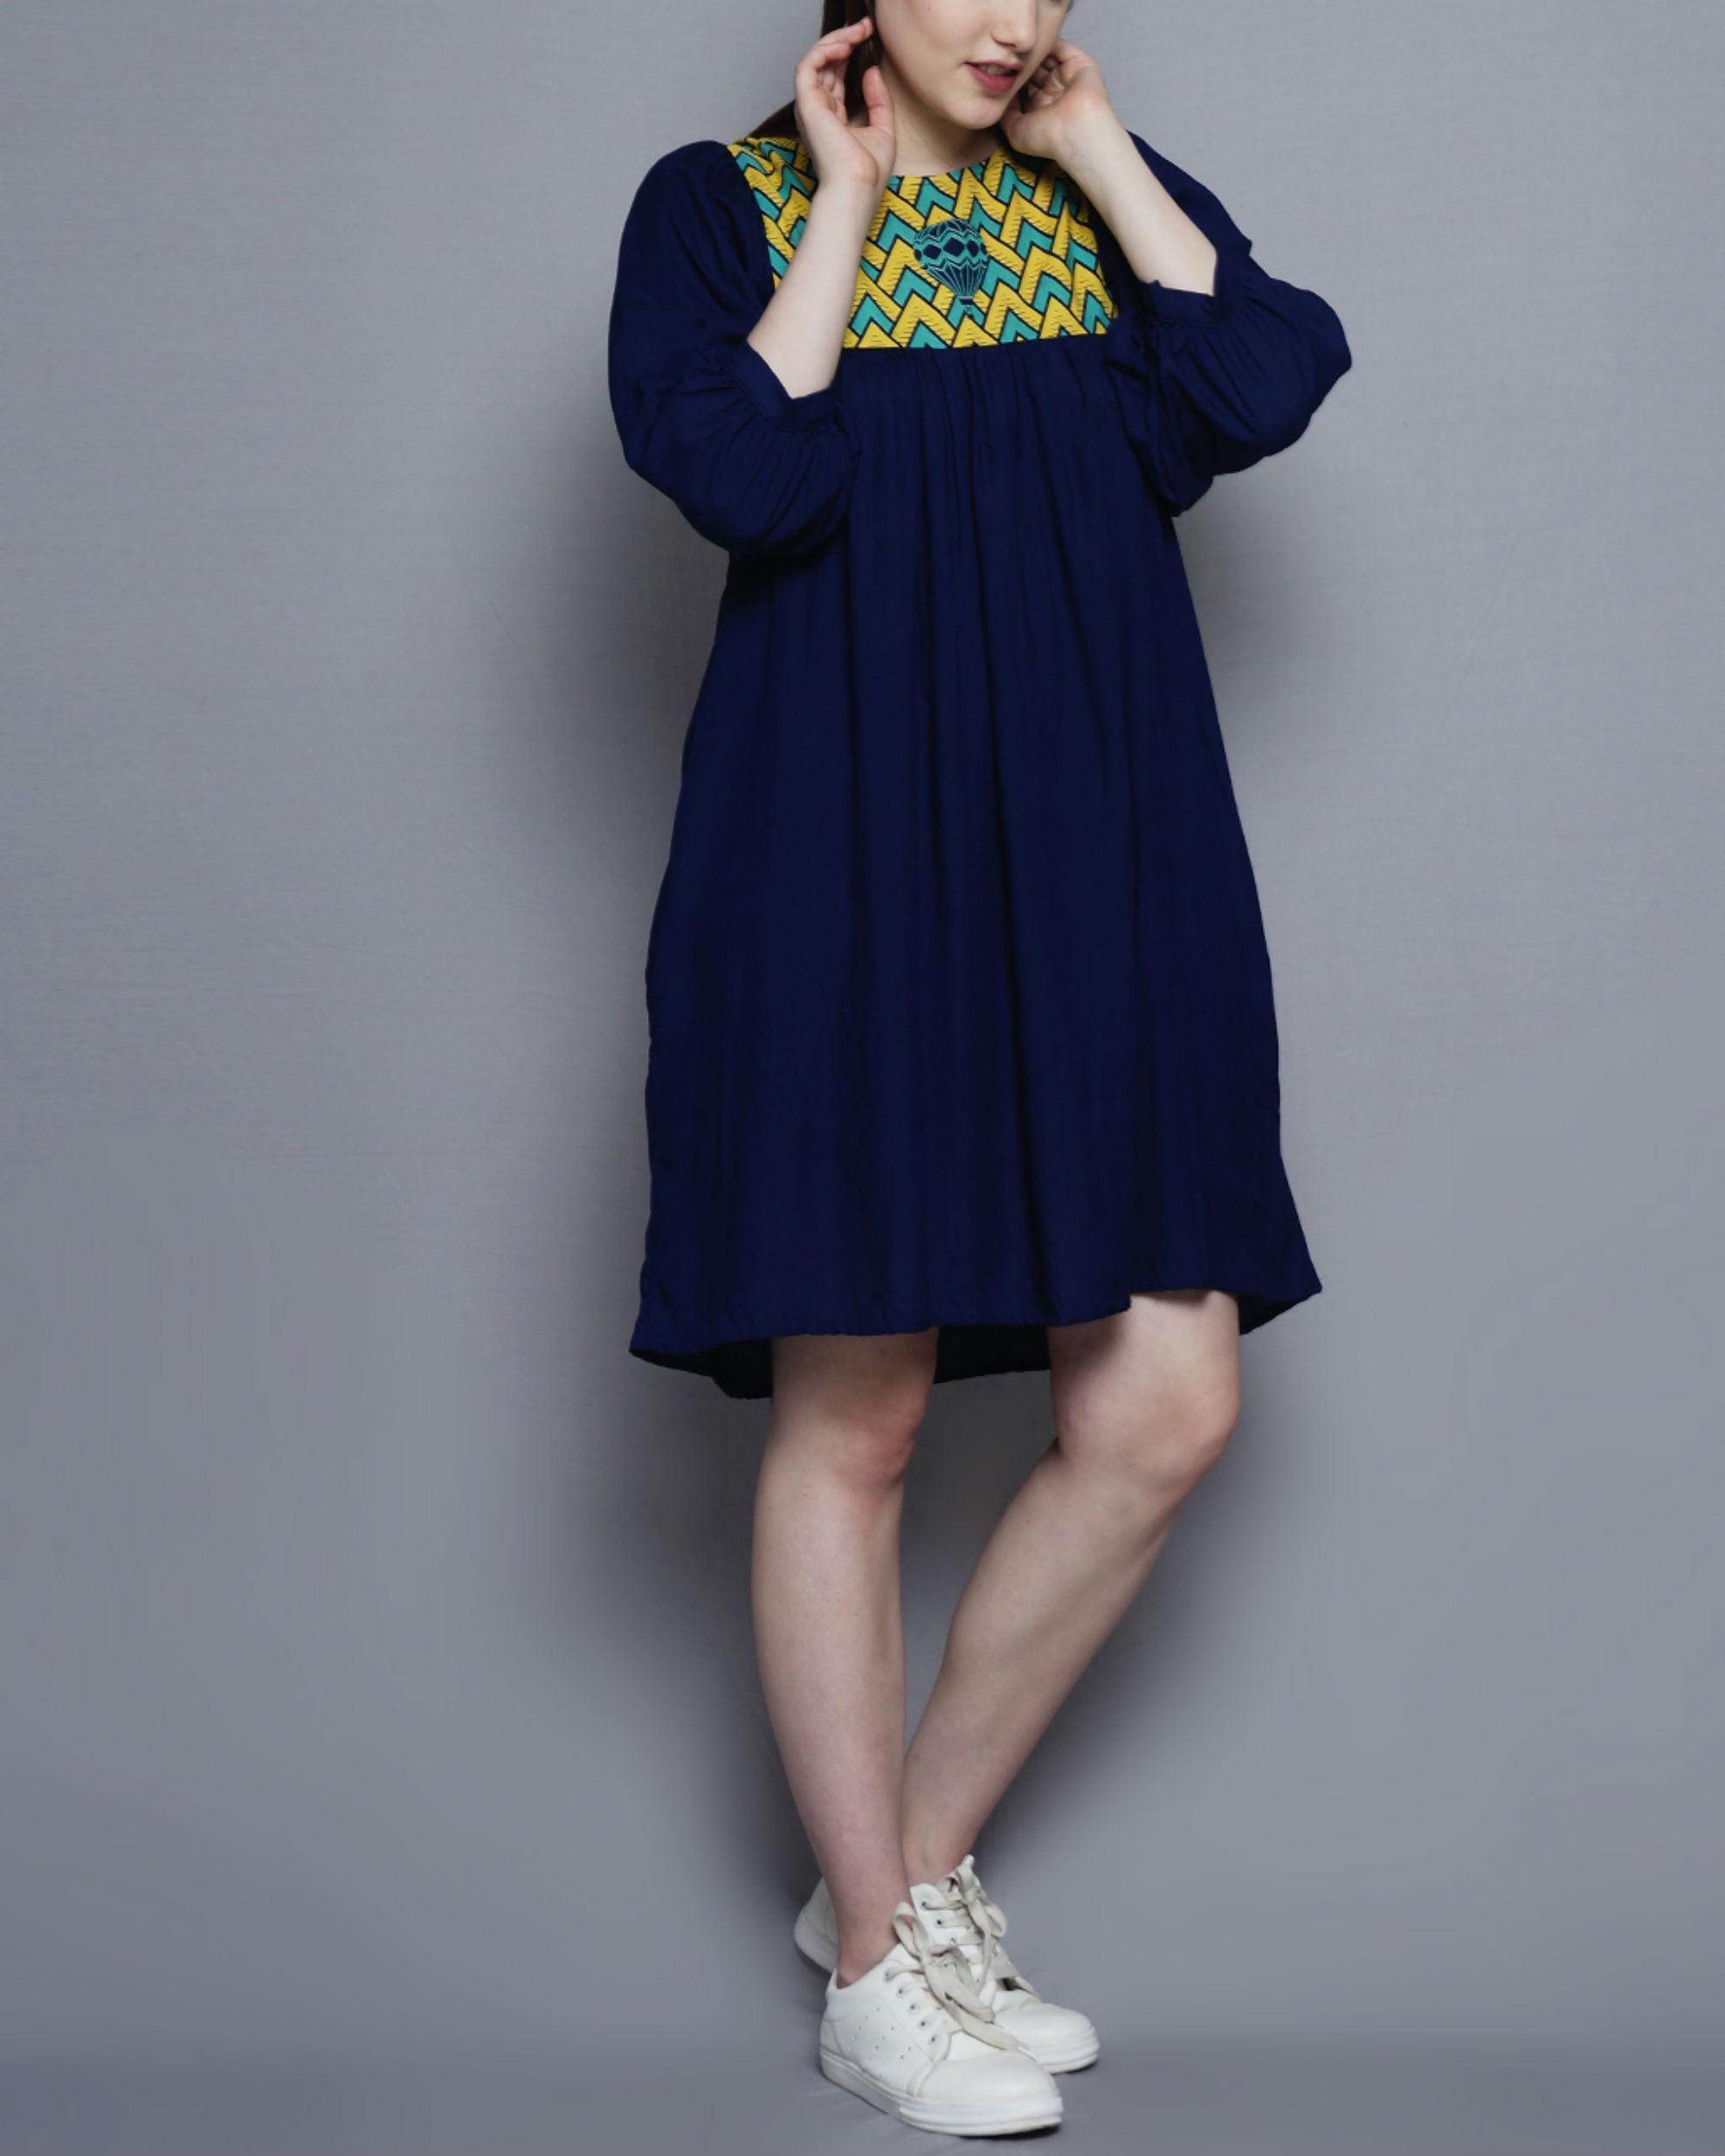 Printed yoke gathered dress